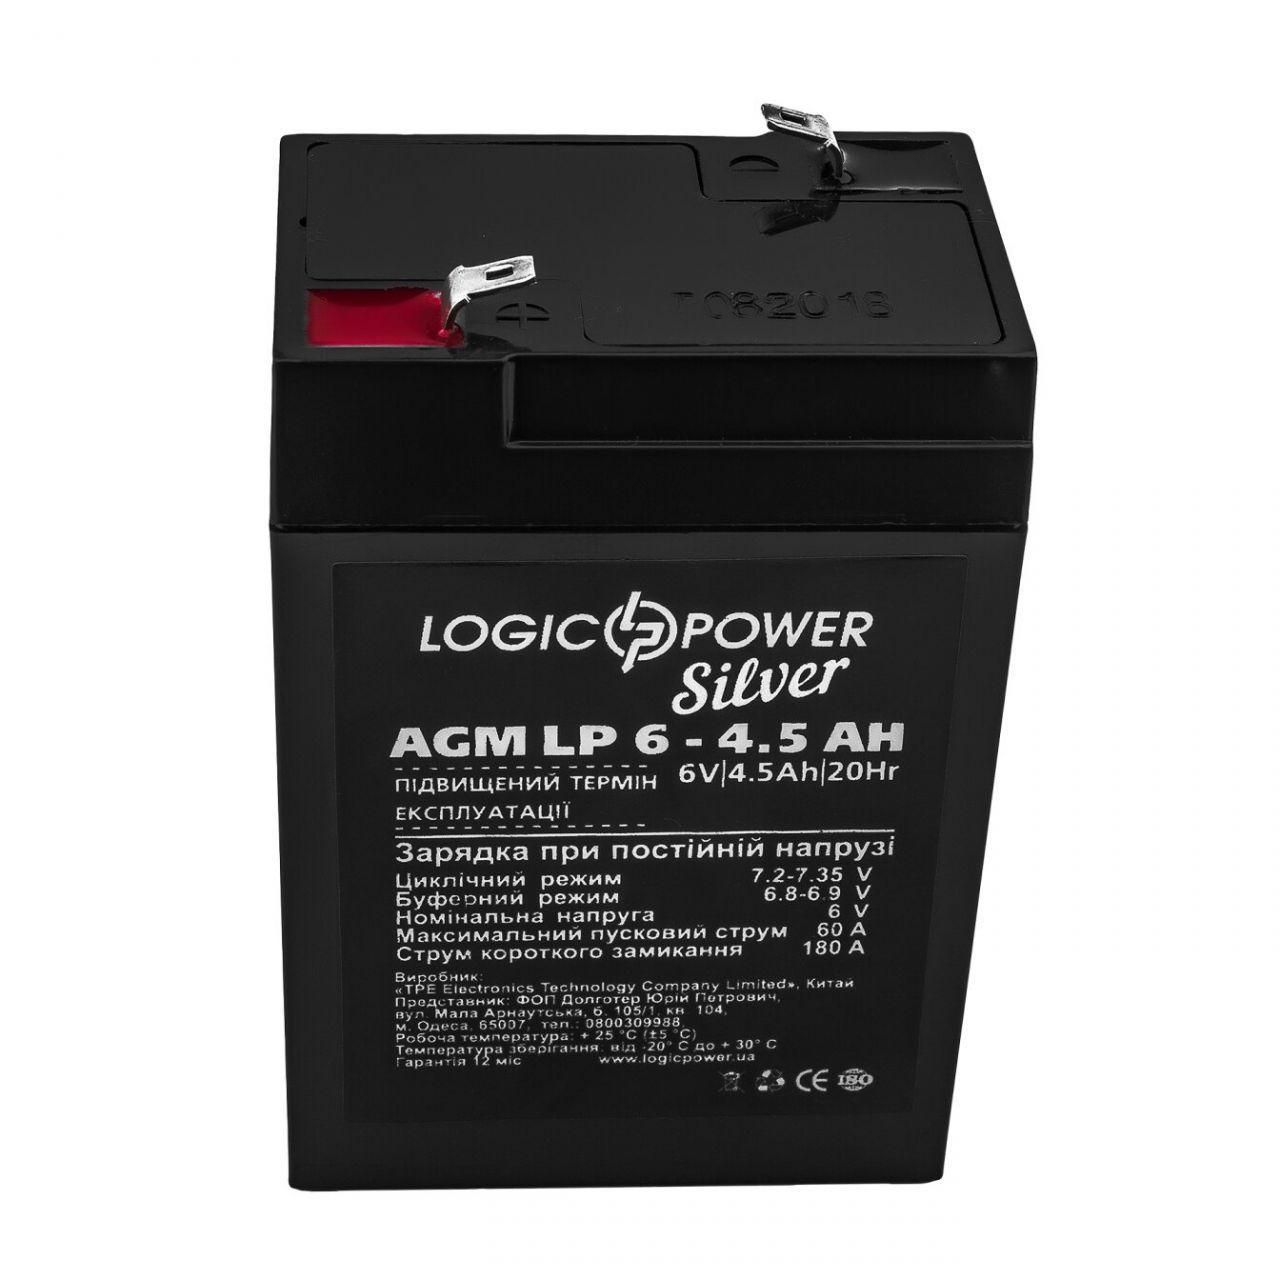 Аккумуляторная батарея Logicpower 6V 4.5 Ah (LP 6 - 4.5 AH) AGM